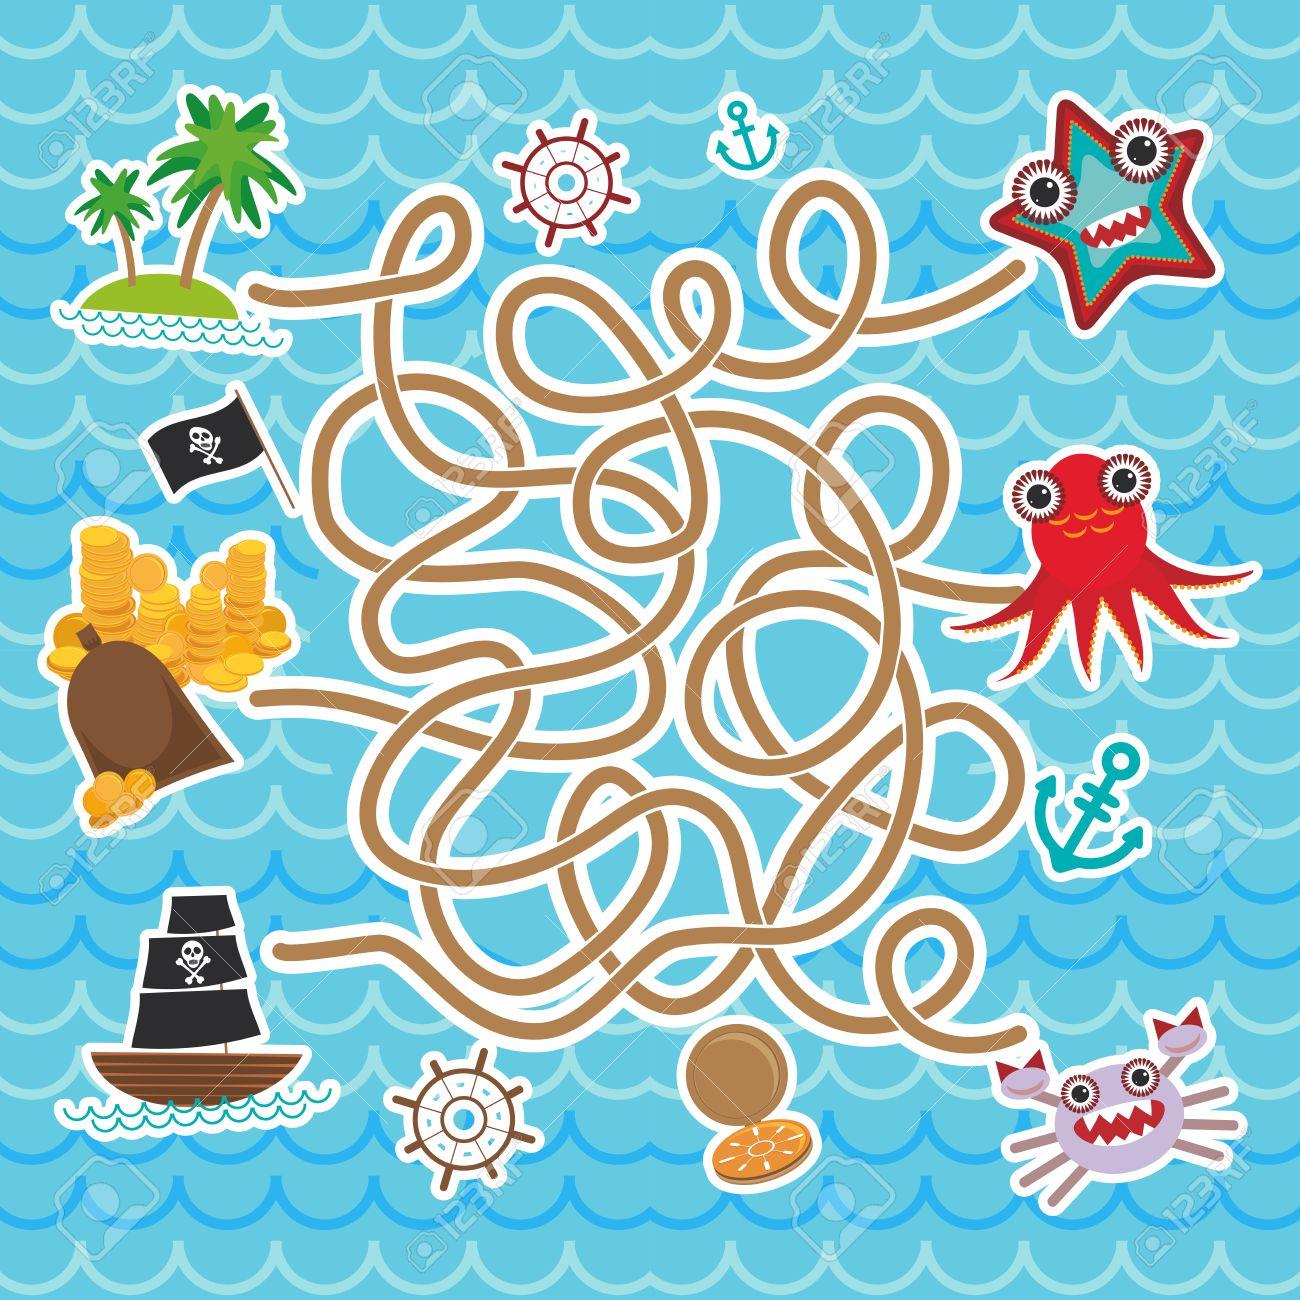 animales marinos barcos piratas mar linda coleccin de objetos del juego de laberinto para